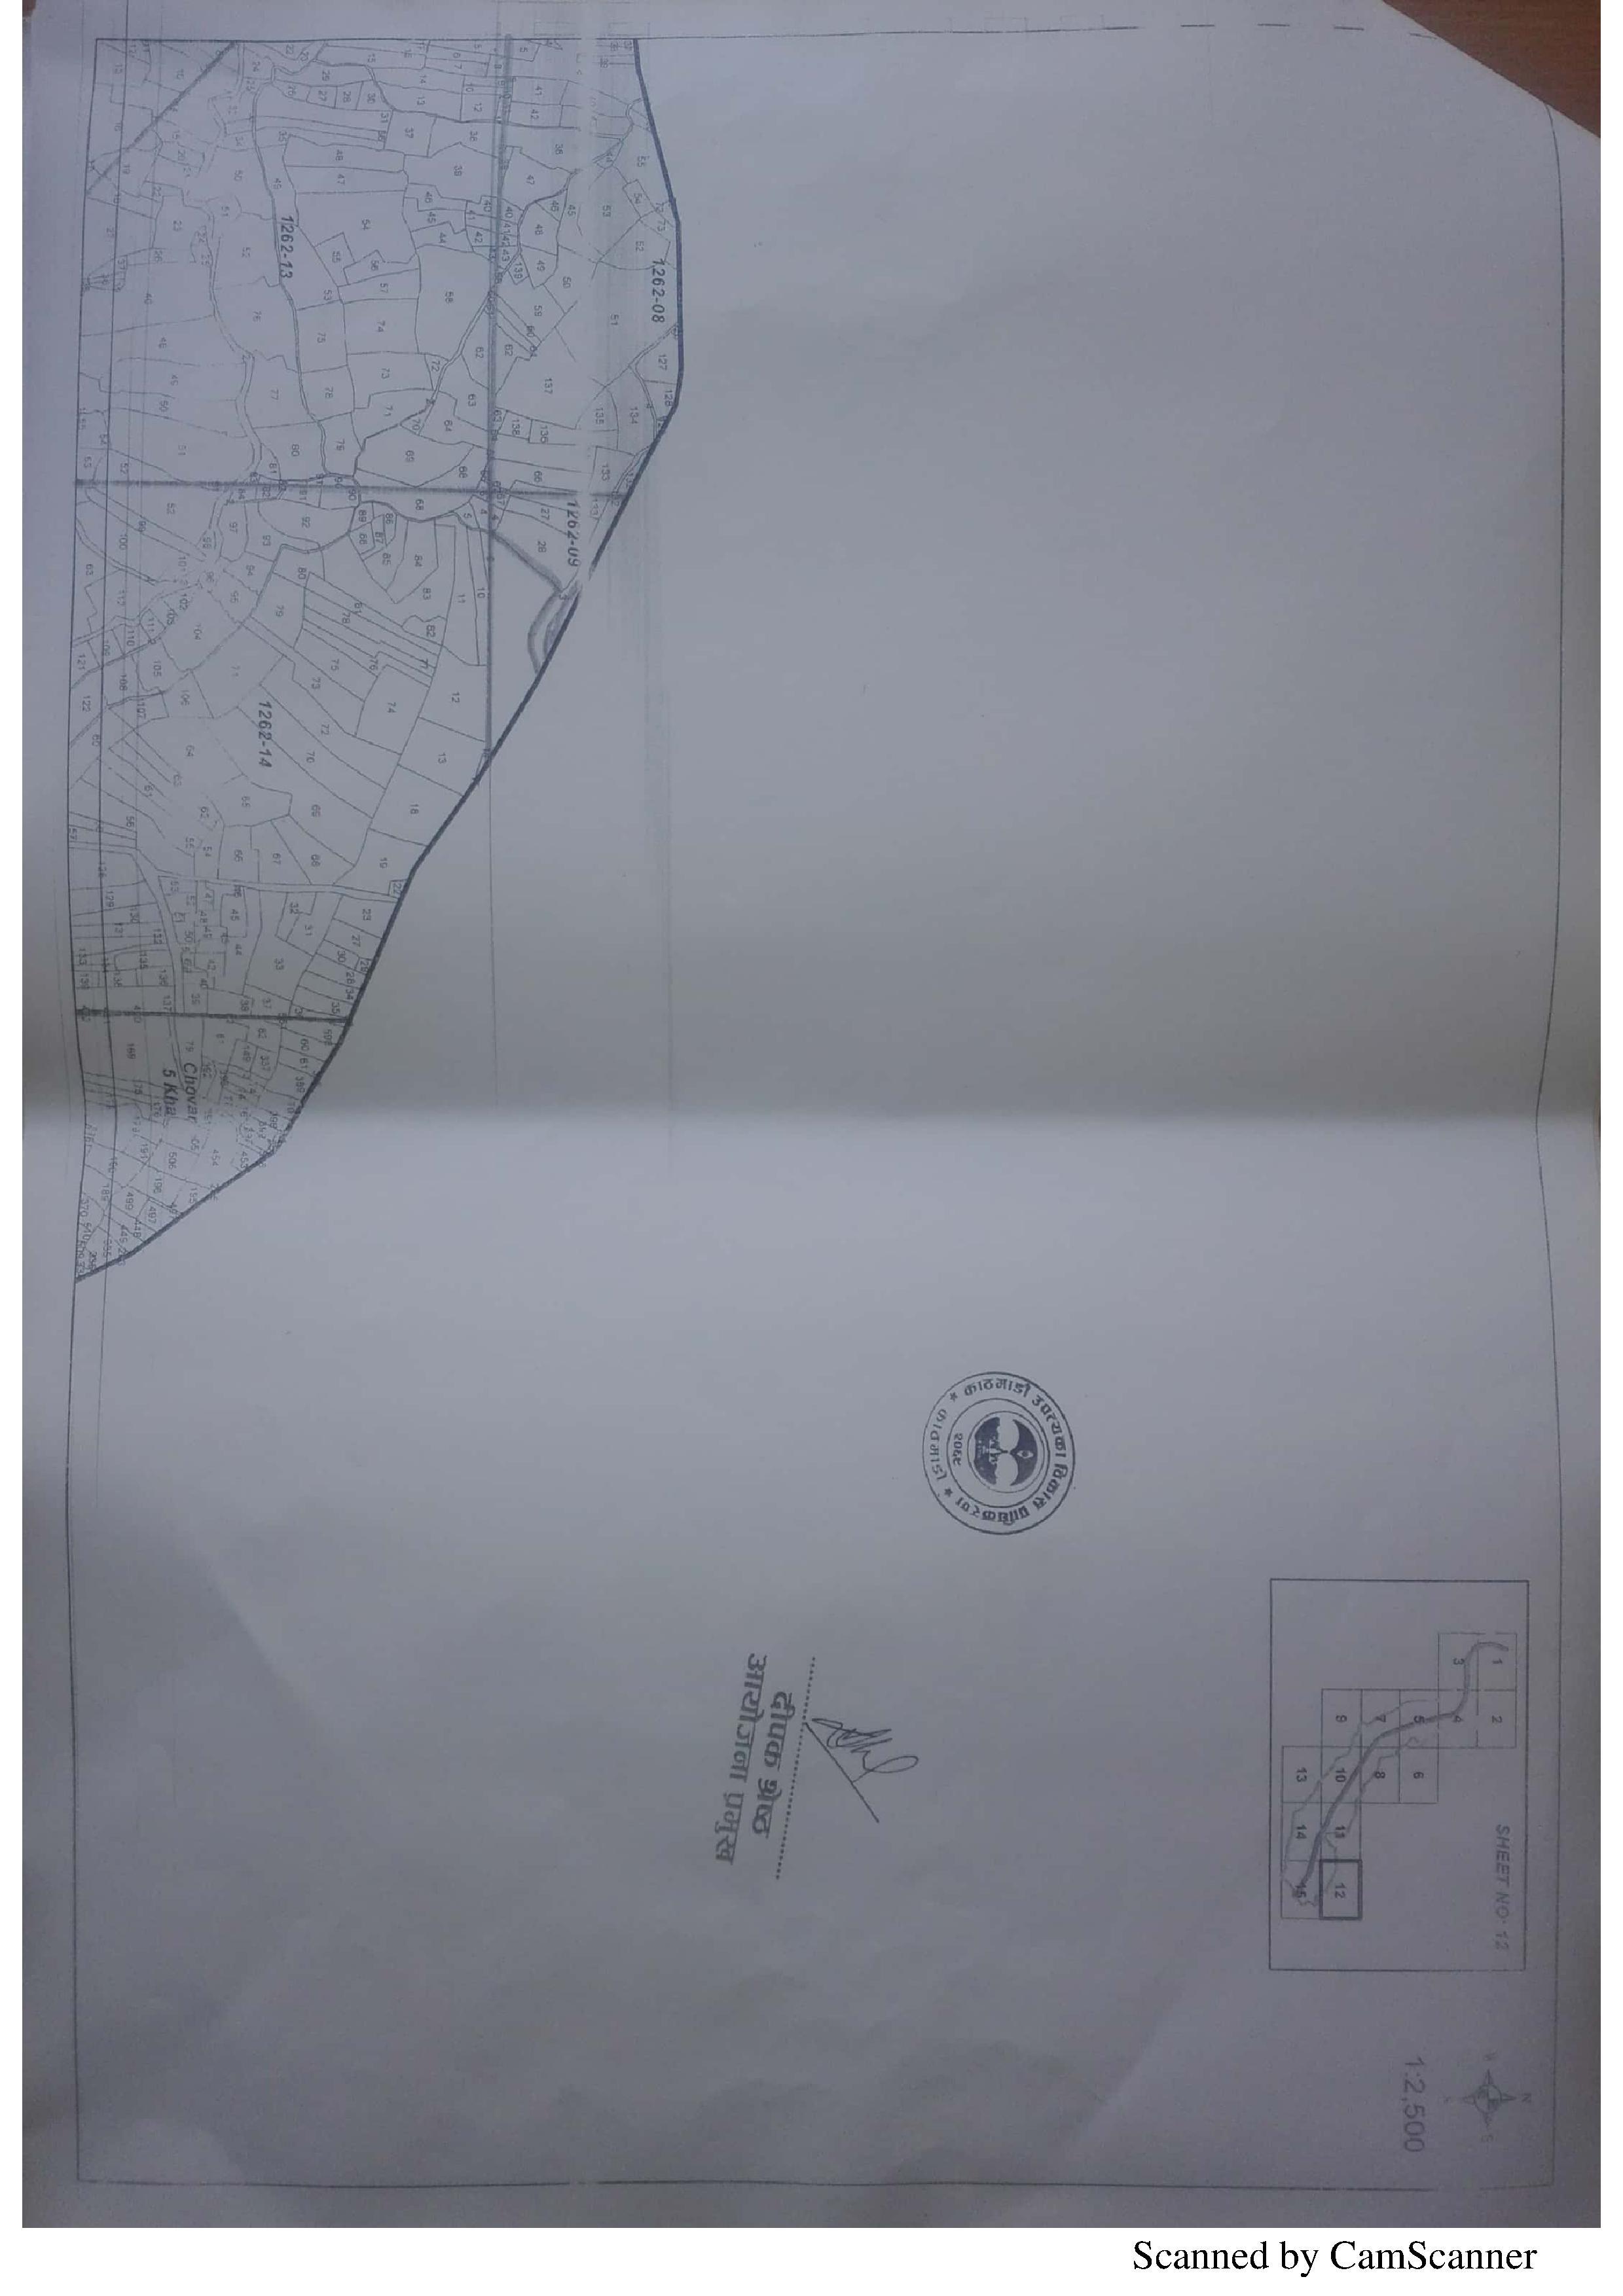 Chandragirinews outer-ring-road-11 बाहिरी चक्रपथको डि.पि.आर. (कित्ता न. सहित) तीनथाना दहचोक नगरपालिका नैकाप नयाँ भन्ज्यांग नैकाप पुरानो भन्ज्यांग बोसिंगाउँ ब्रेकिंग न्युज मछेगाउँ मातातिर्थ मुख्य राष्ट्रिय सतुंगल    chandragiri